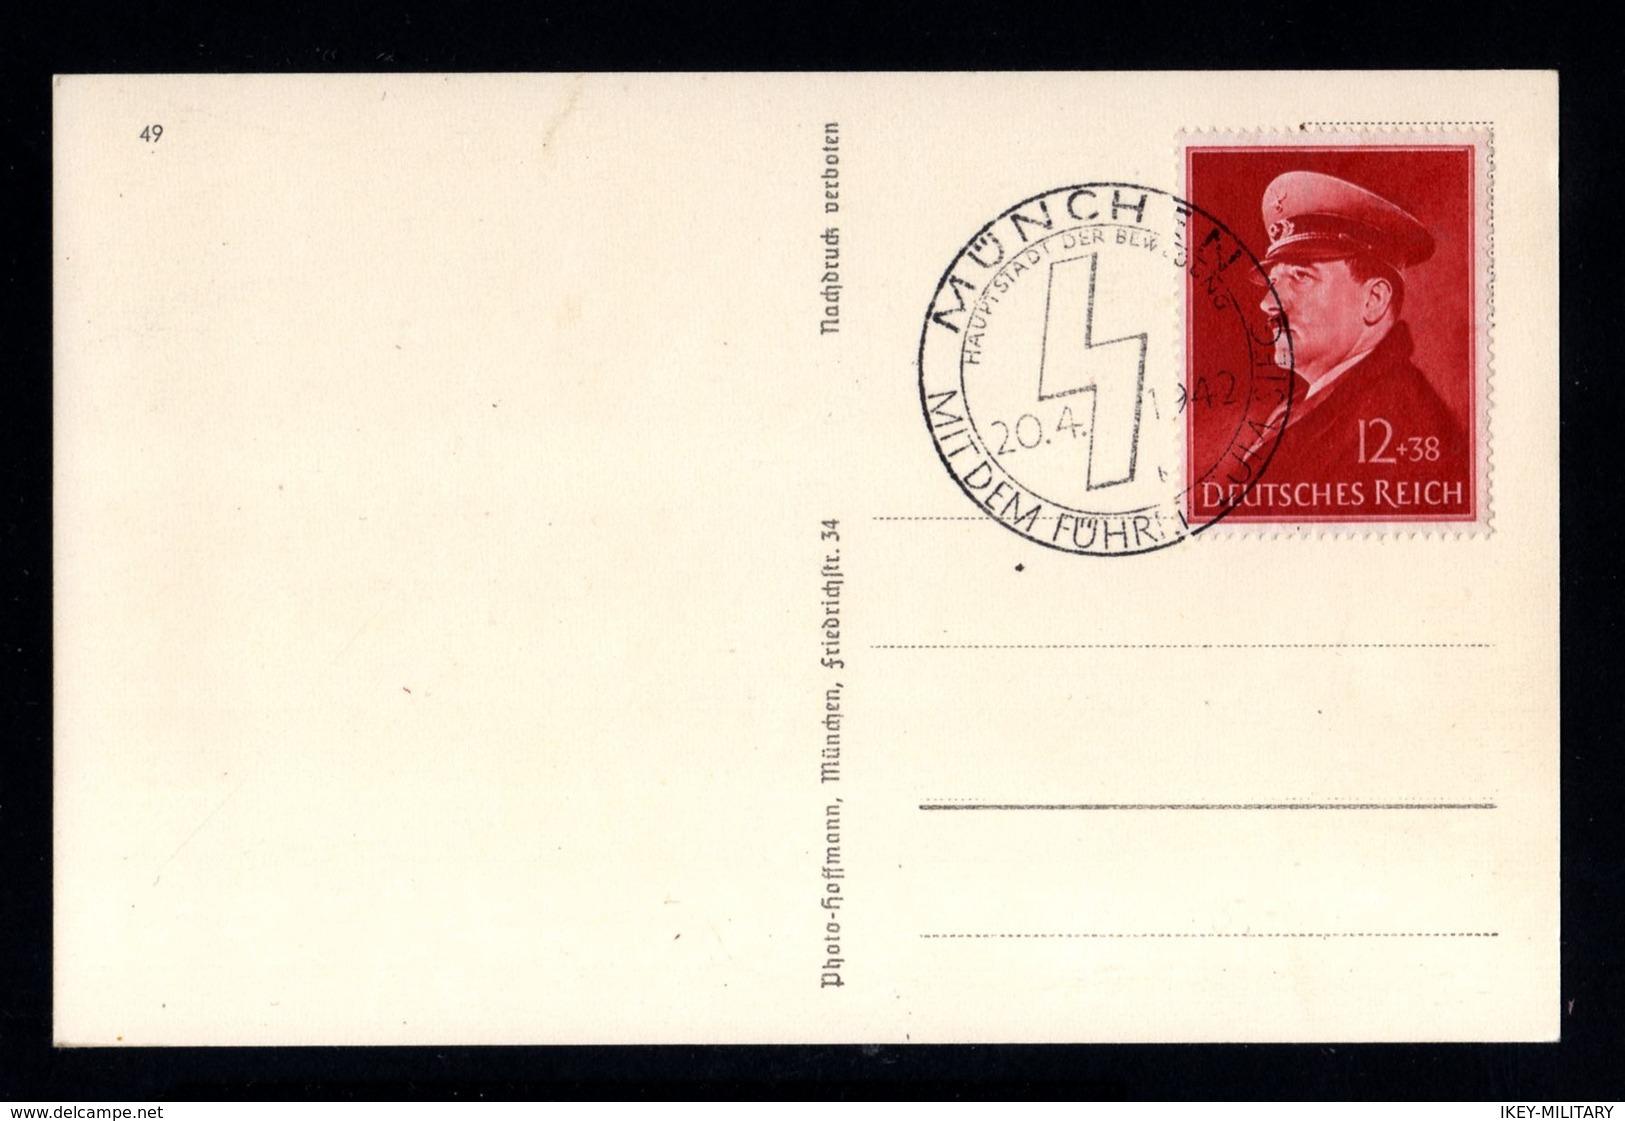 17211-GERMAN EMPIRE-PROPAGANDA POSTCARD ADOLF HITLER.WWII.,Hoffmann.DEUTSCHES REICH.POSTKARTE.Carte Postale - Briefe U. Dokumente